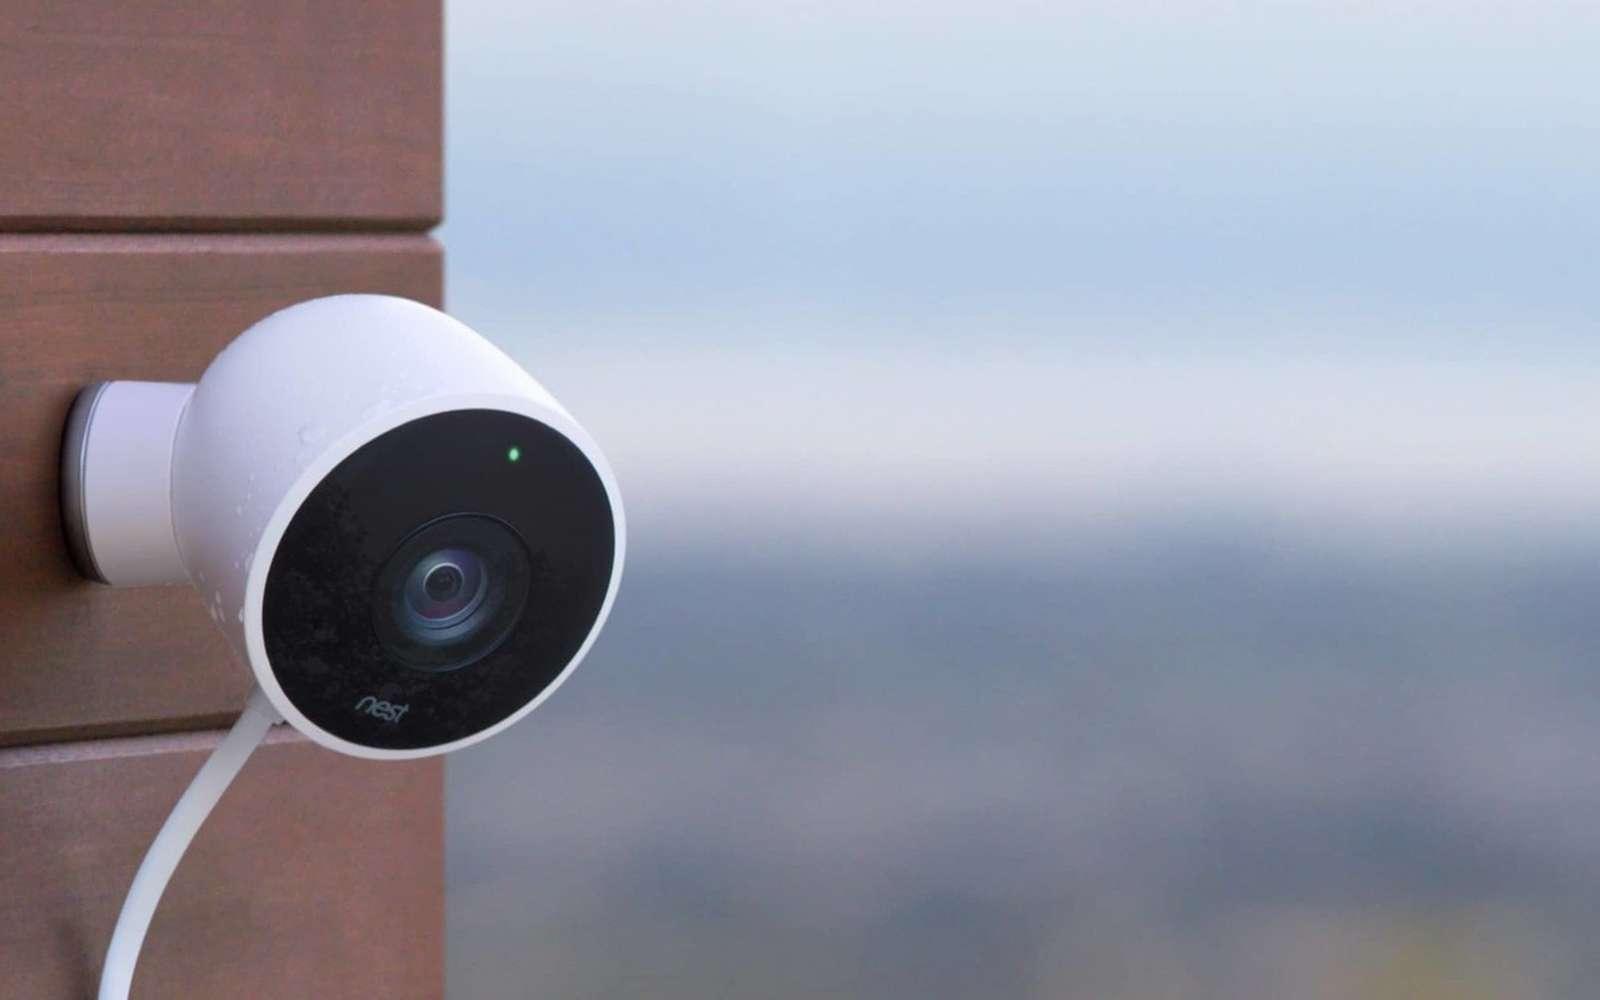 En accédant à l'activité d'un réseau domestique, un pirate peut identifier le flux d'une caméra et savoir si des données sont envoyées. © Nest